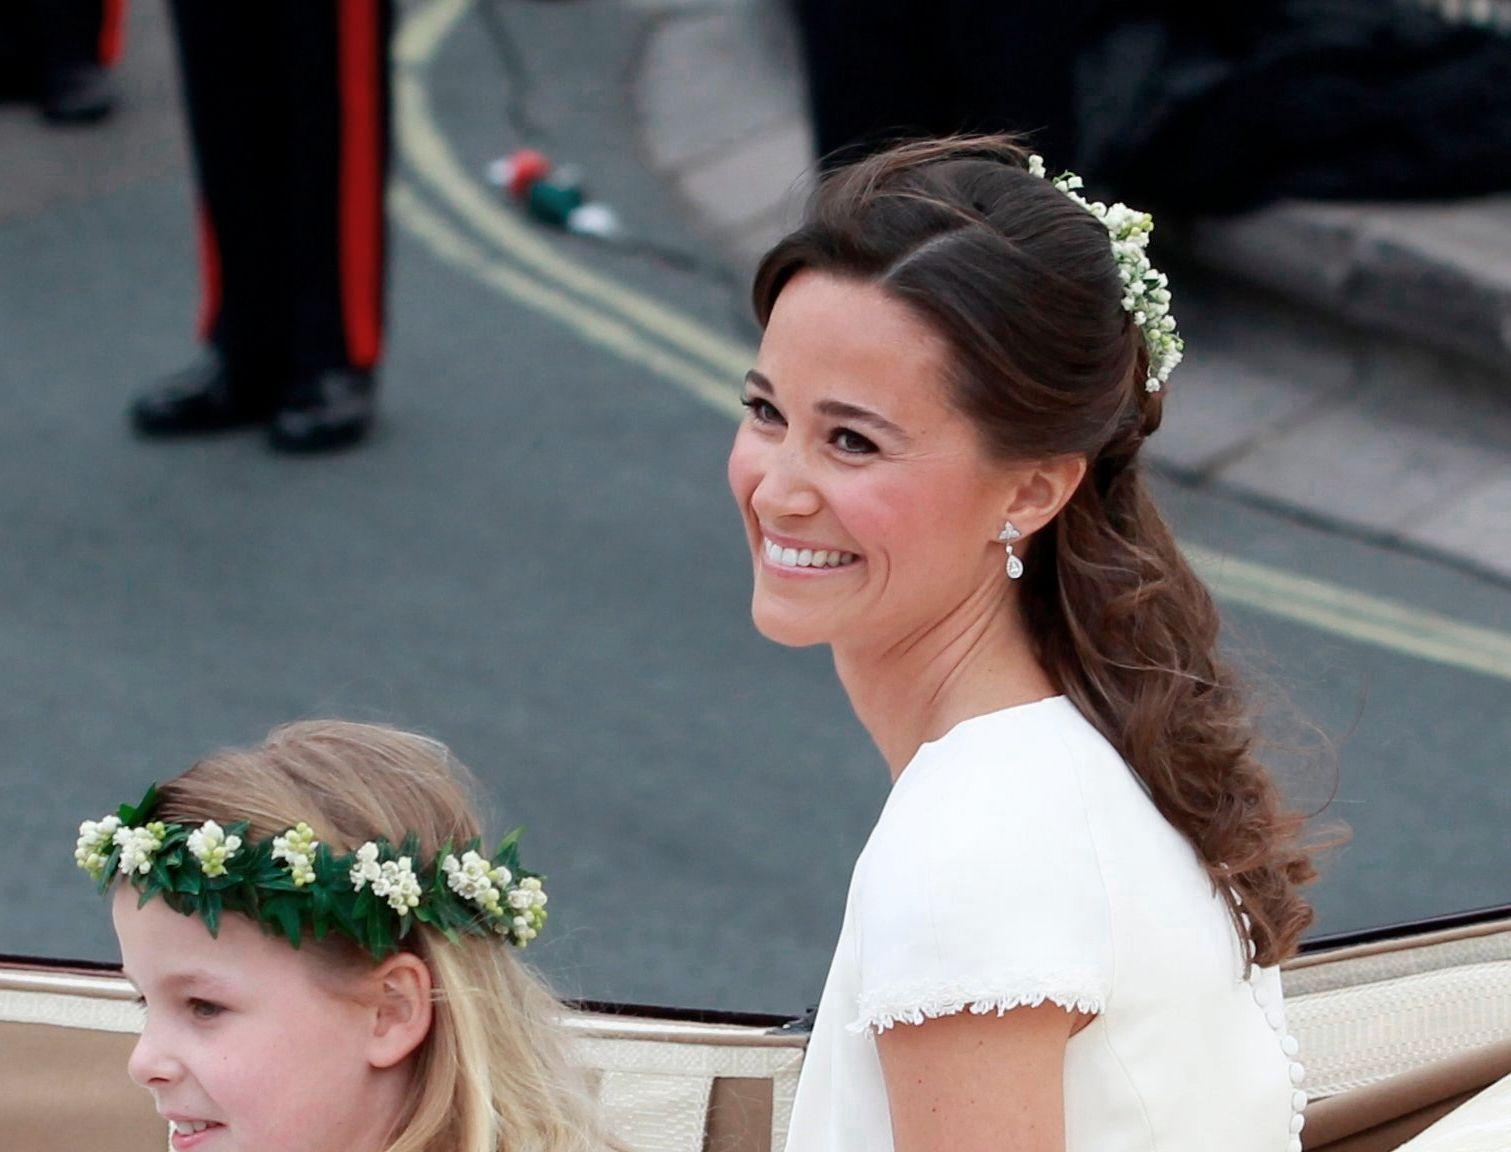 Kate Middleton a fêté l'enterrement de vie de jeune fille de sa sœur Pippa dans un superbe chalet en Savoie